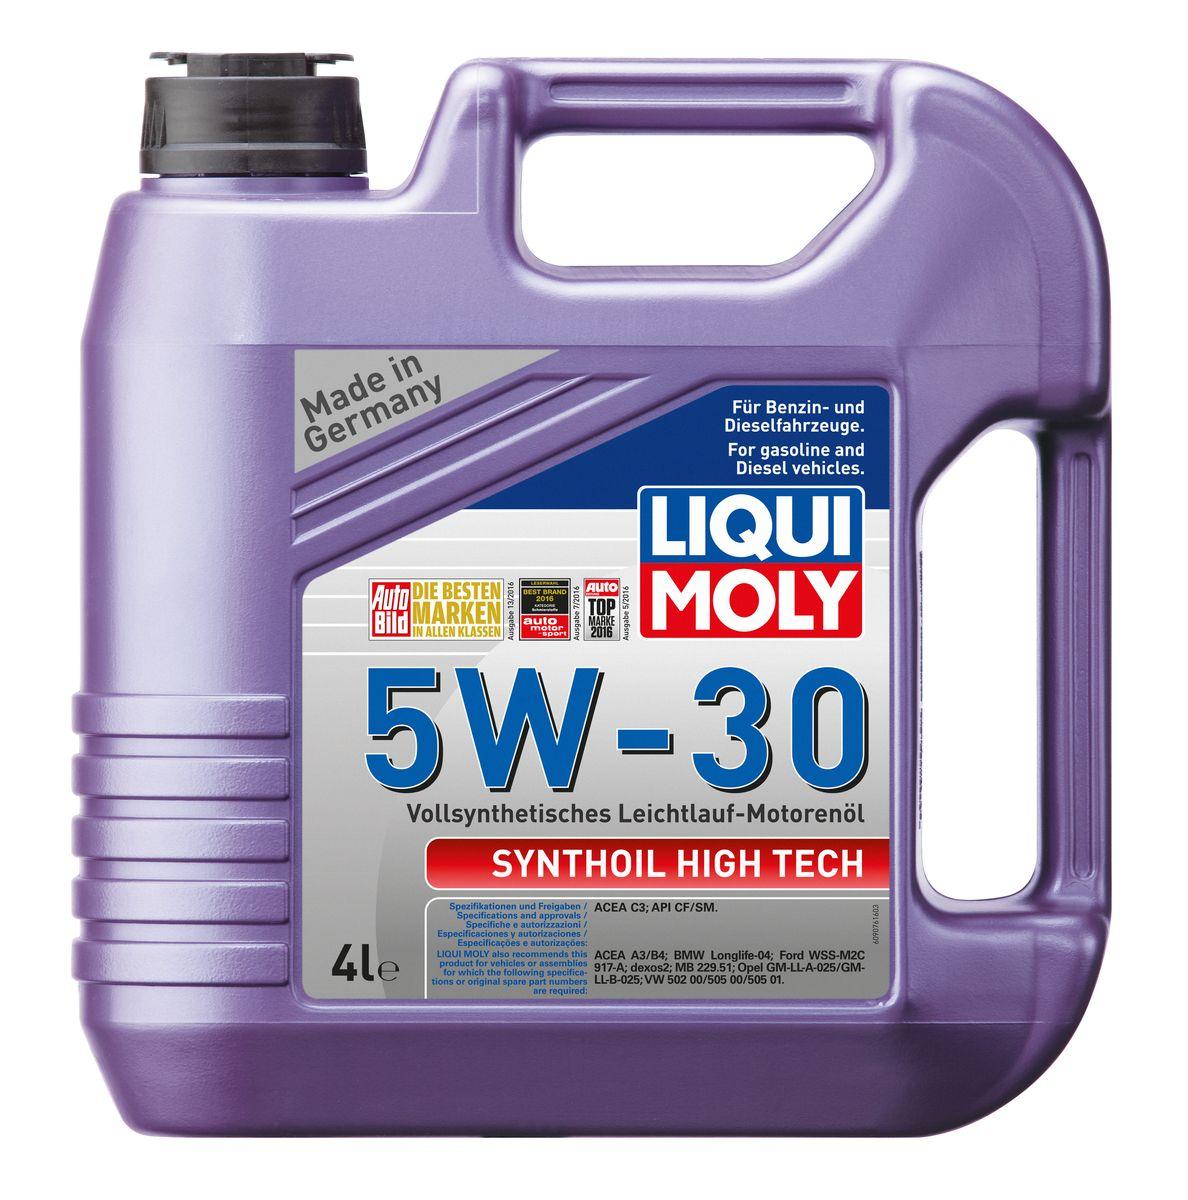 Масло моторное Liqui Moly Synthoil High Tech, синтетическое, 5W-30, 4 л9076Масло моторное Liqui Moly Synthoil High Tech - 100% синтетическое универсальное моторное масло на базе полиальфаолефинов (ПАО) для большинства автомобилей, для которых требования к маслам опираются на международные классификации API и ACEA. Популярнейший класс вязкости для всех современных автомобилях. Благодаря новейшему классу ACEA C3 моторное масло отлично подходит для автомобилей с сажевыми фильтрами. Использование современных, полностью синтетических базовых масел (ПАО) и передовых технологий в области разработок присадок гарантирует низкую вязкость масла при низких температурах, высокую надежность масляной пленки. Моторные масла линейки Synthoil предотвращают образование отложений в двигателе, снижают трение и надежно защищают от износа. Особенности: - Быстрое поступление масла к трущимся деталям при низких температурах - Высокая защита двигателя от износа - Замечательная термоокислительная стабильность и устойчивость к старению -...